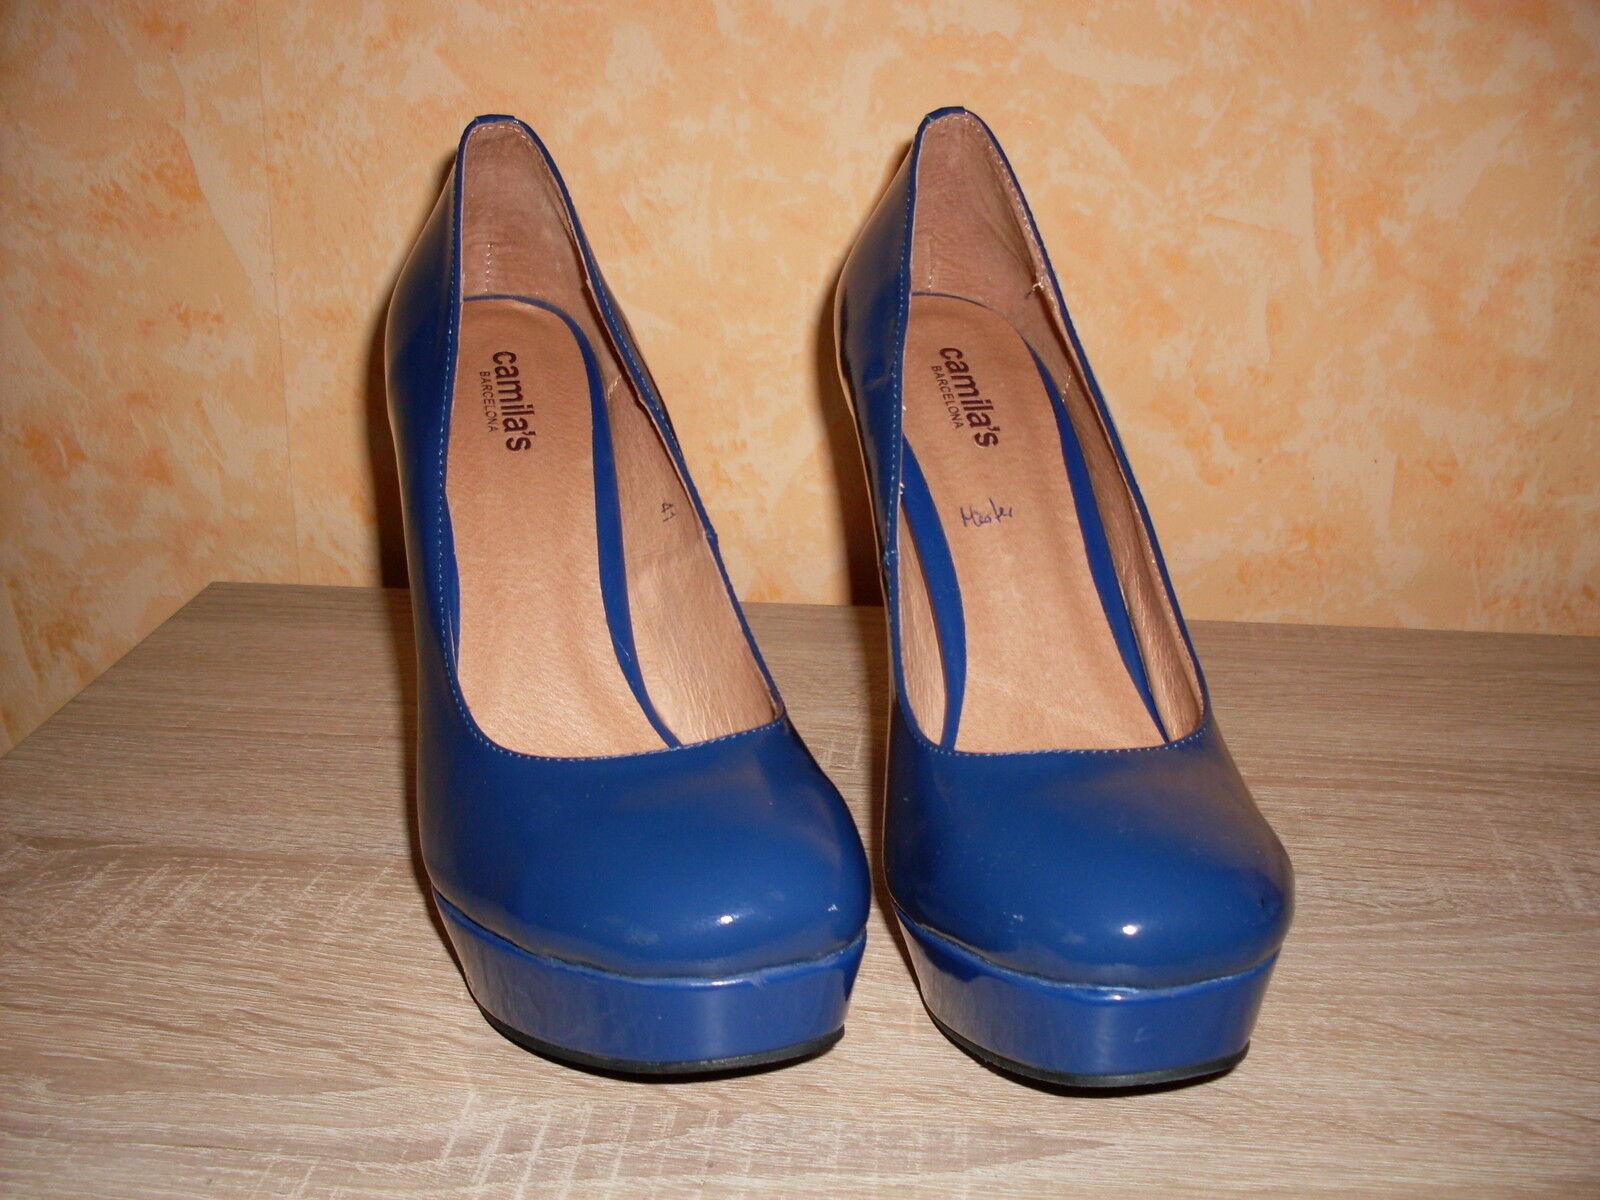 dcae343a98c028 ... Designer Plateforme Escarpins neuf T. 40 IN Royal Bleu Bleu Bleu &  cuirs nécessaireHommes t ...